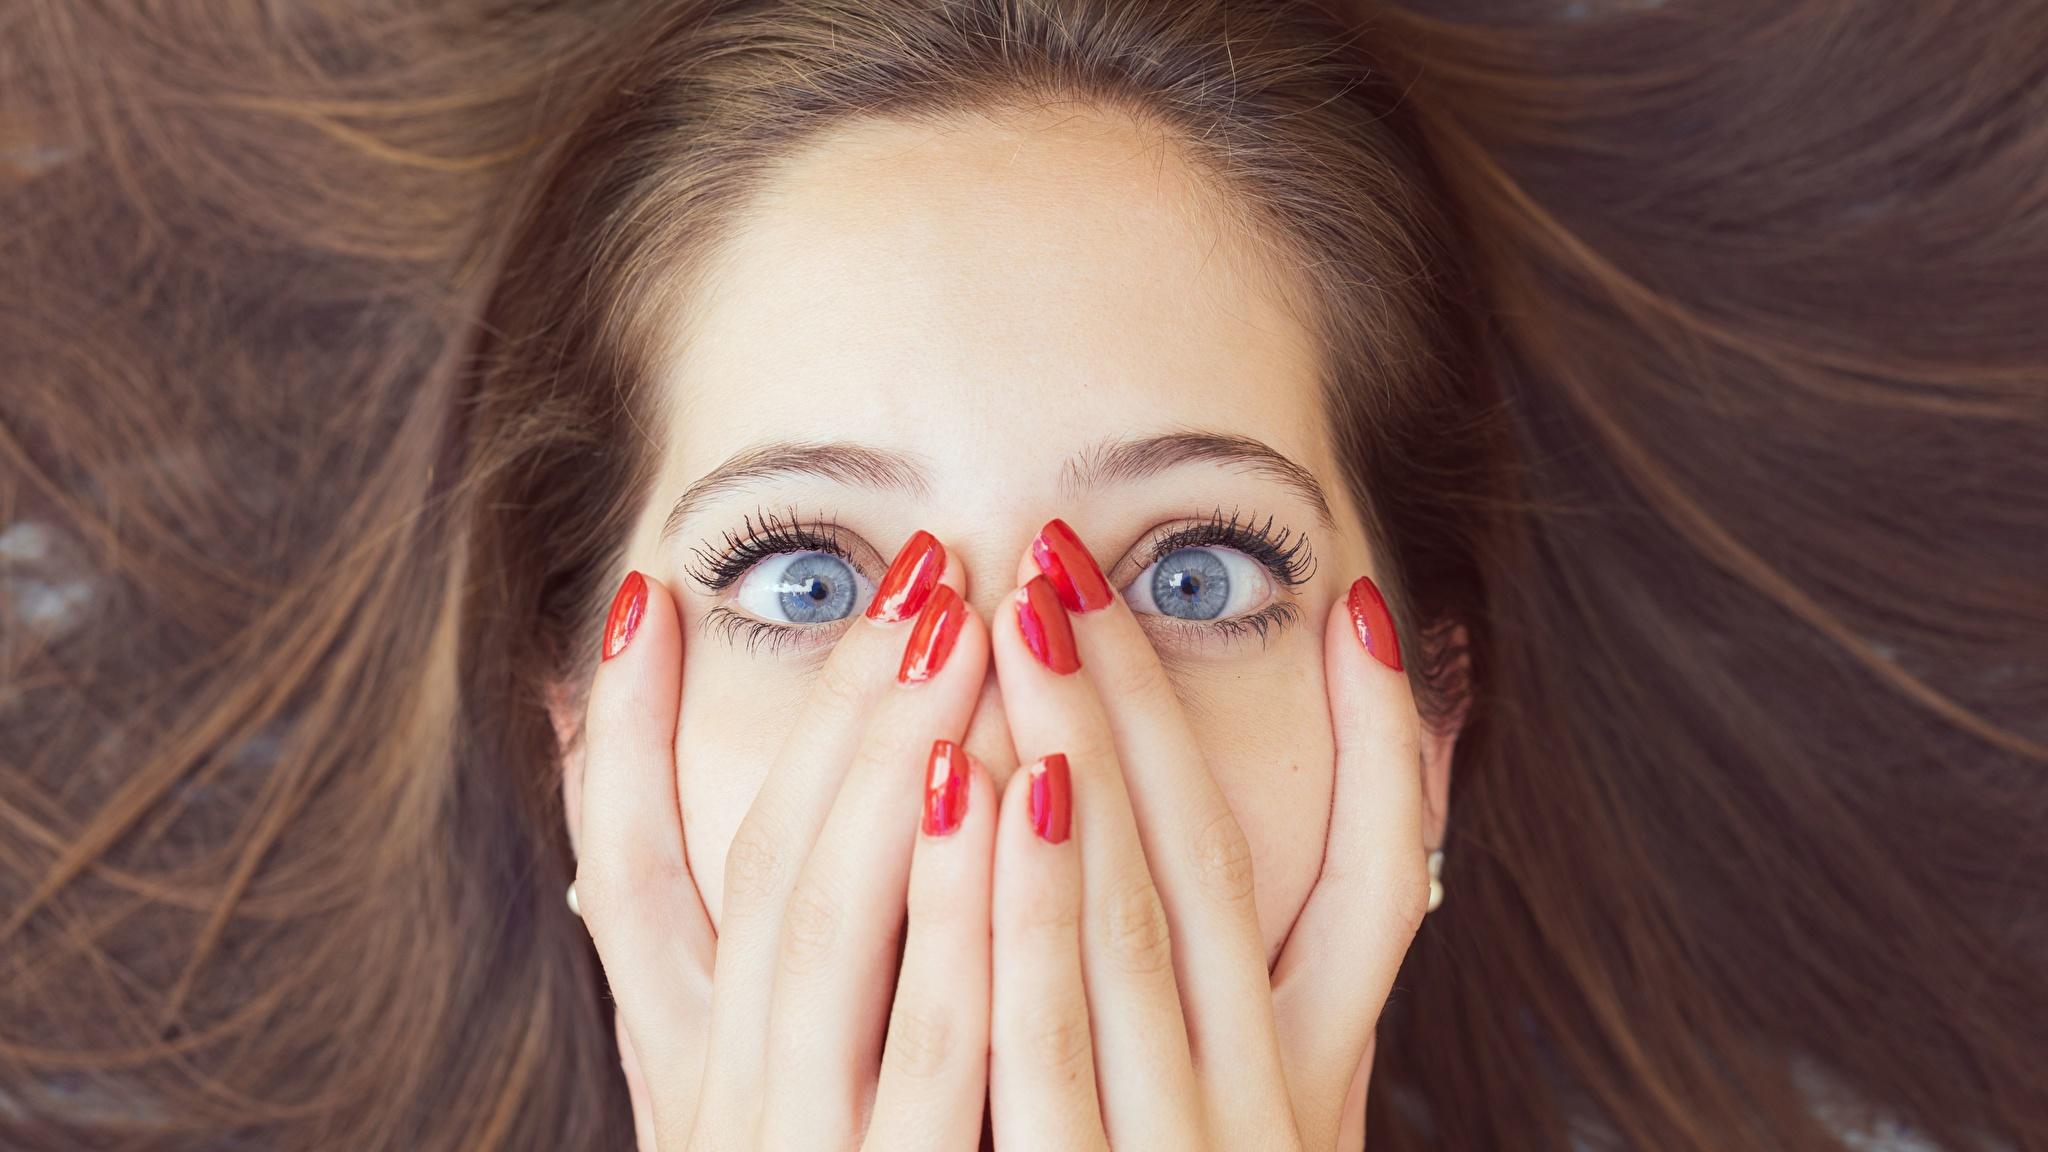 Фото девушек на лице смайлики